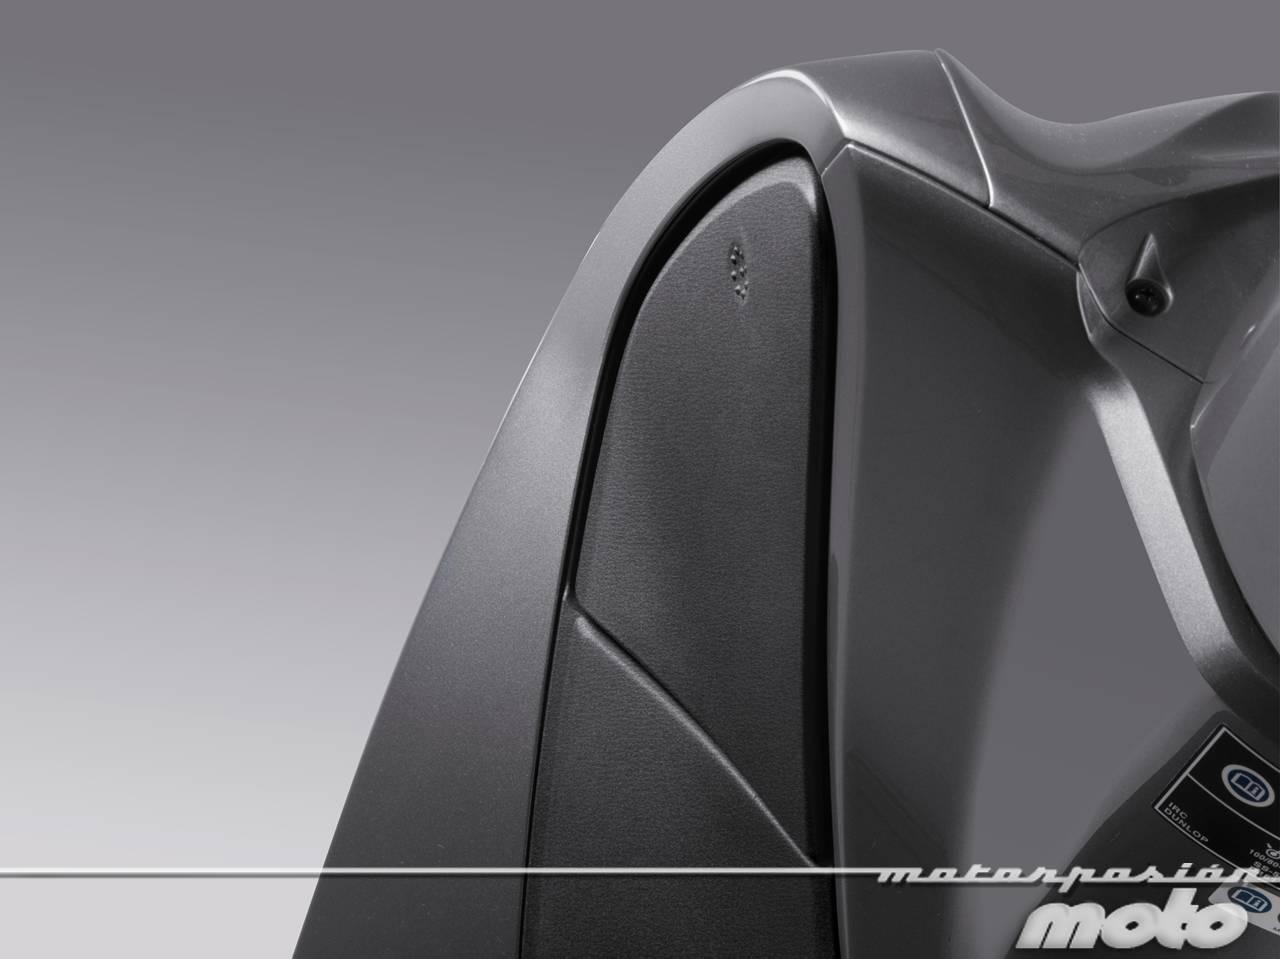 Foto de Honda Scoopy SH125i 2013, prueba (valoración, galería y ficha técnica)  - Fotos Detalles (71/81)